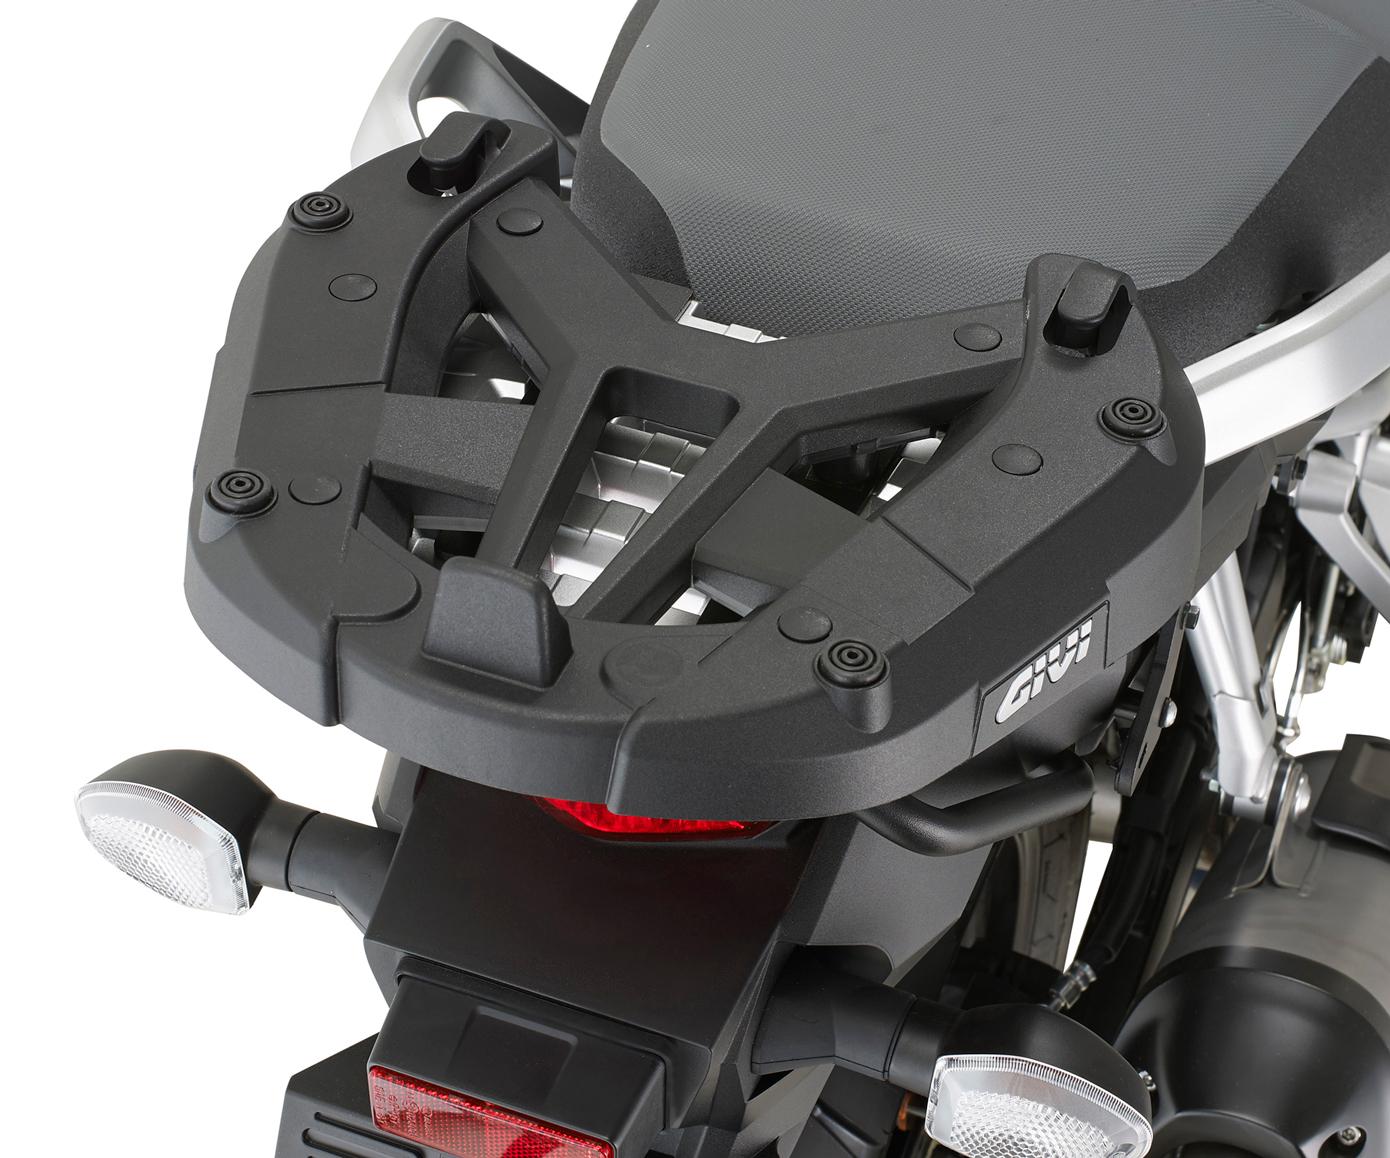 バイク トップケース GIVI モノキープレート用 リアラック スズキ DL 650 / 1000 V-Strom 2017-